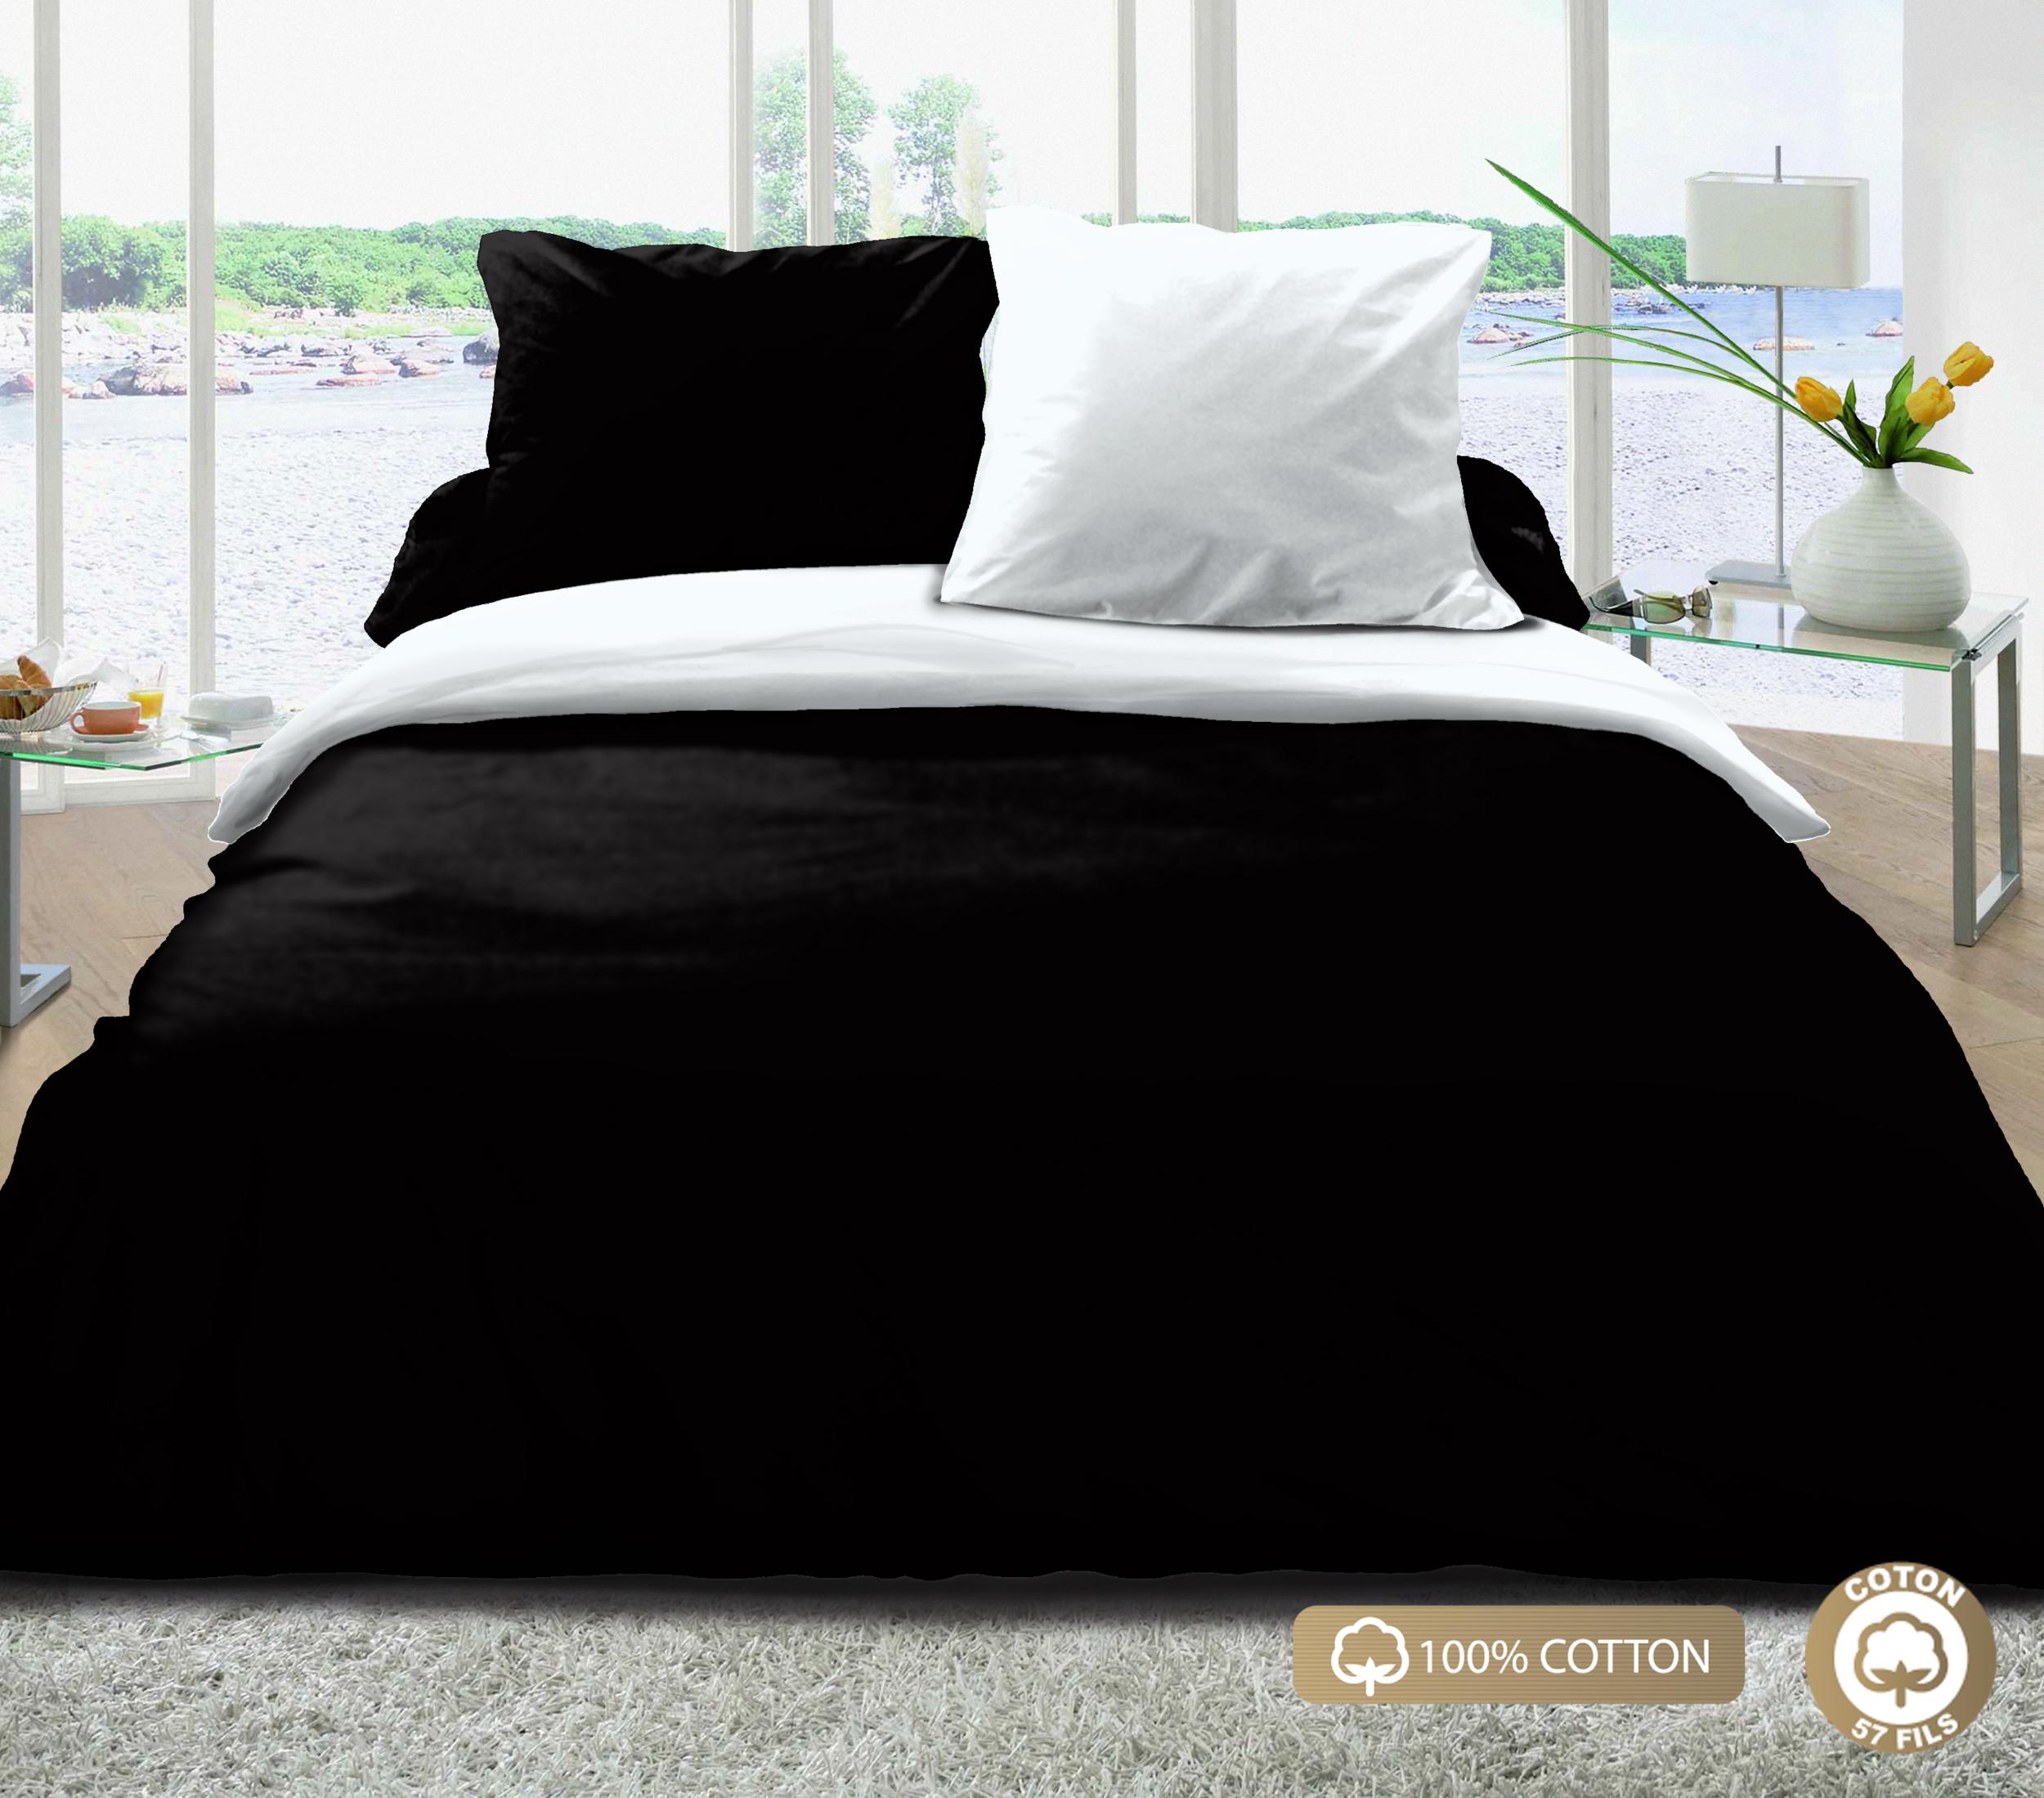 Parure de couette 100% coton 3pcs 200x200 noir/blanc